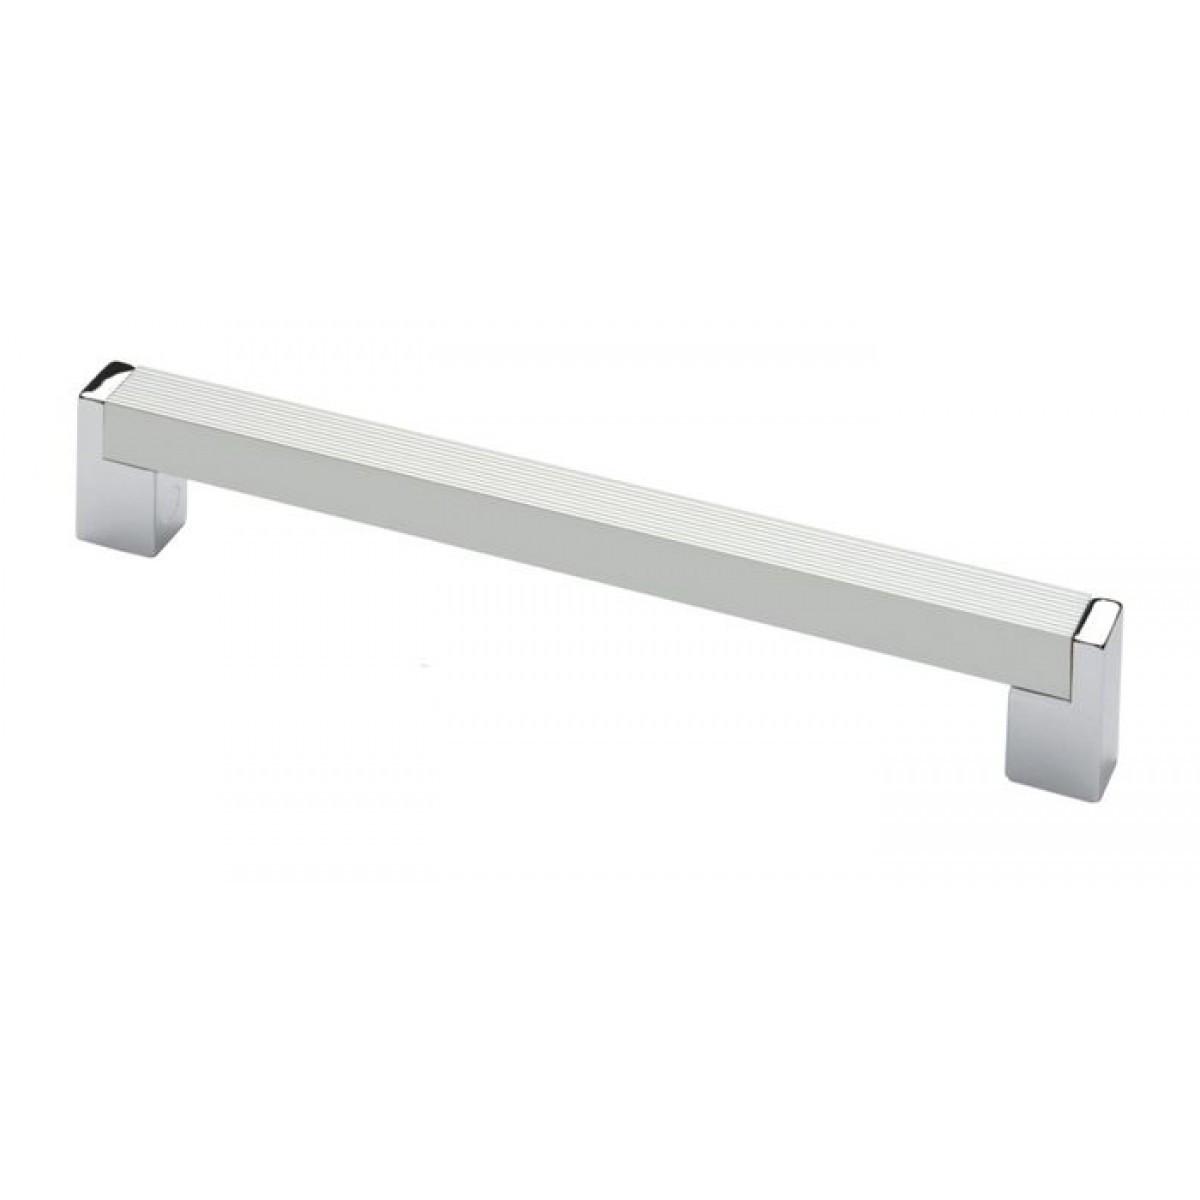 Ручка мебельная Ozkardesler 14.245 ELIT 224мм Алюминий-Хром